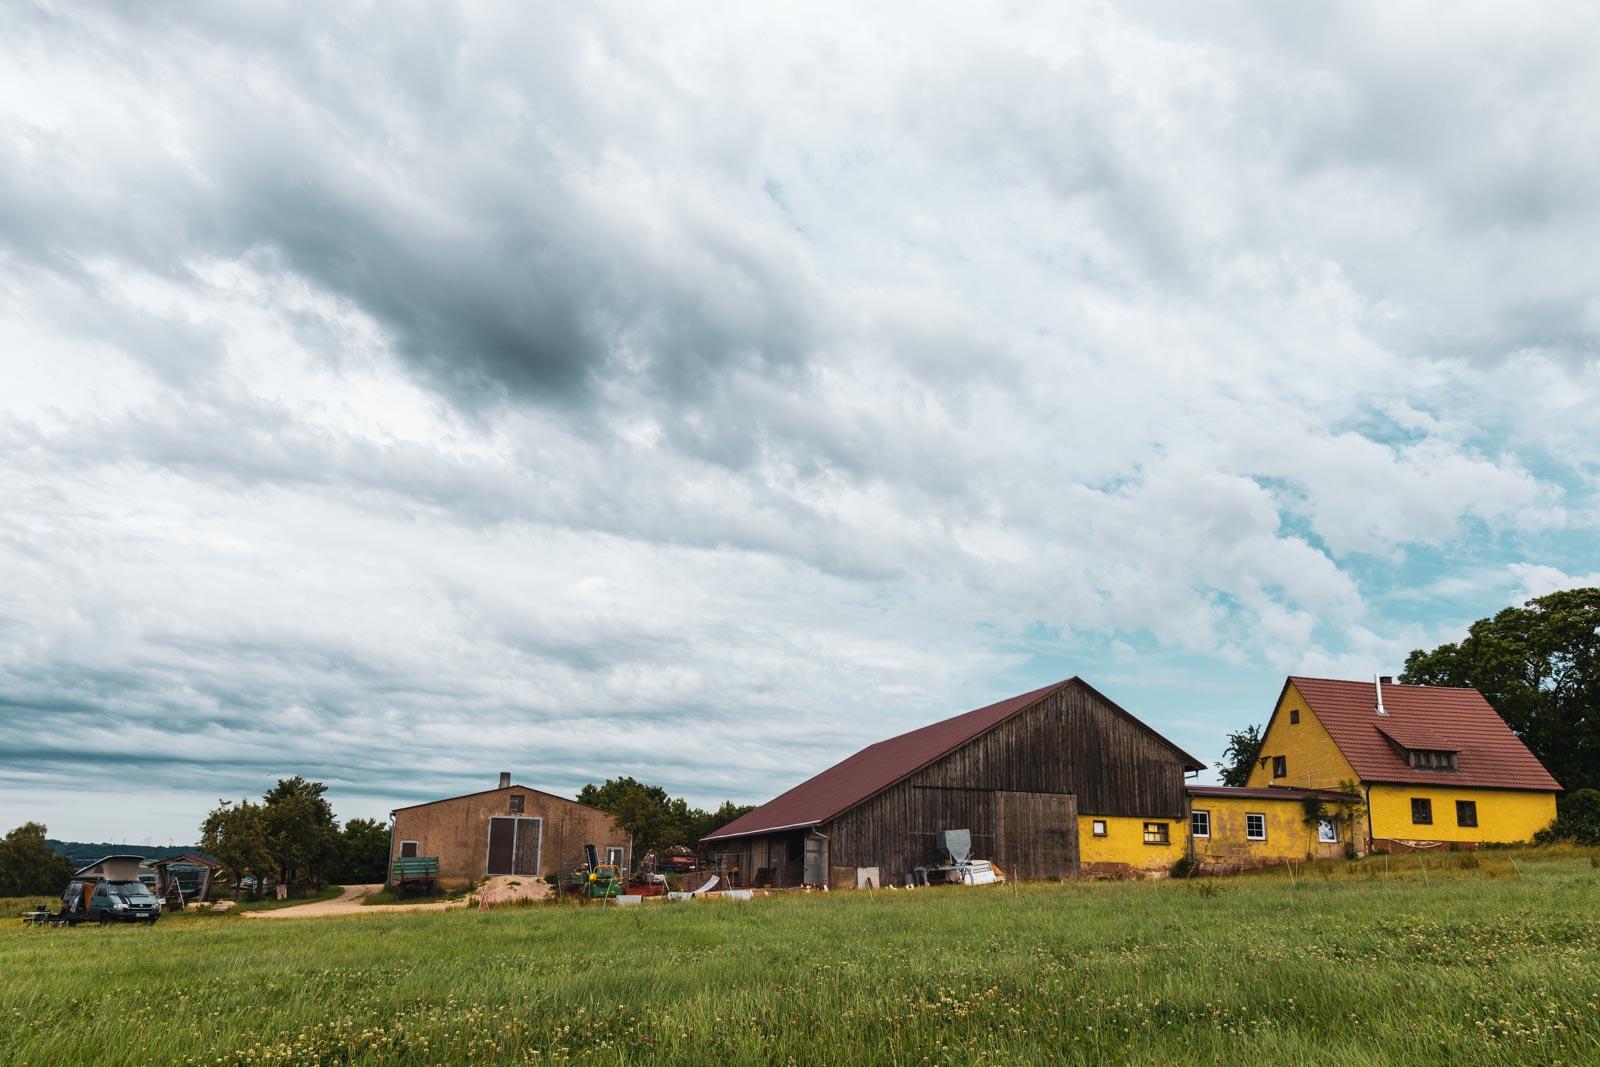 Landvergnügen in Bayern - Camping auf dem Bauernhof